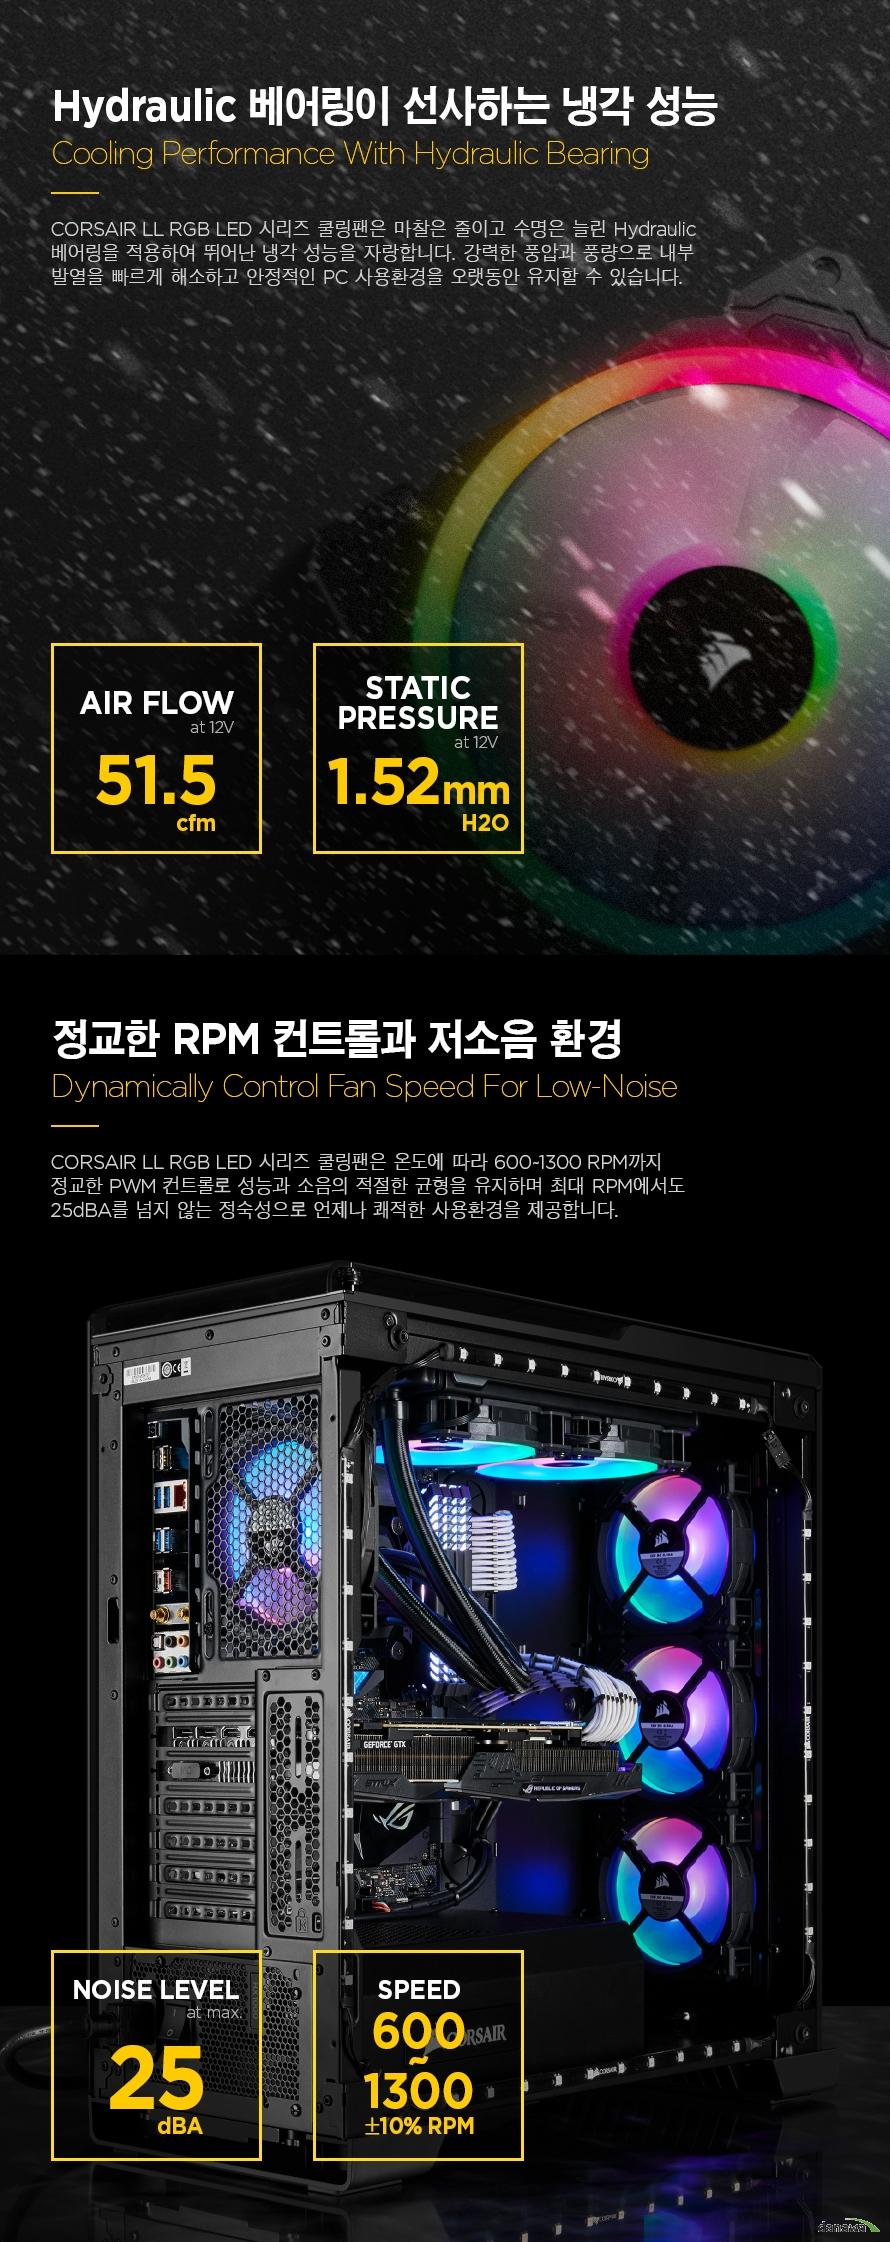 CORSAIR LL RGB LED 시리즈 쿨링팬은 마찰은 줄이고 수명은 늘린 Hydraulic 베어링을 적용하여 뛰어난 냉각 성능을 자랑합니다. 강력한 풍압과 풍량으로 내부 발열을 빠르게 해소하고 안정적인 PC 사용환경을 오랫동안 유지할 수 있습니다.